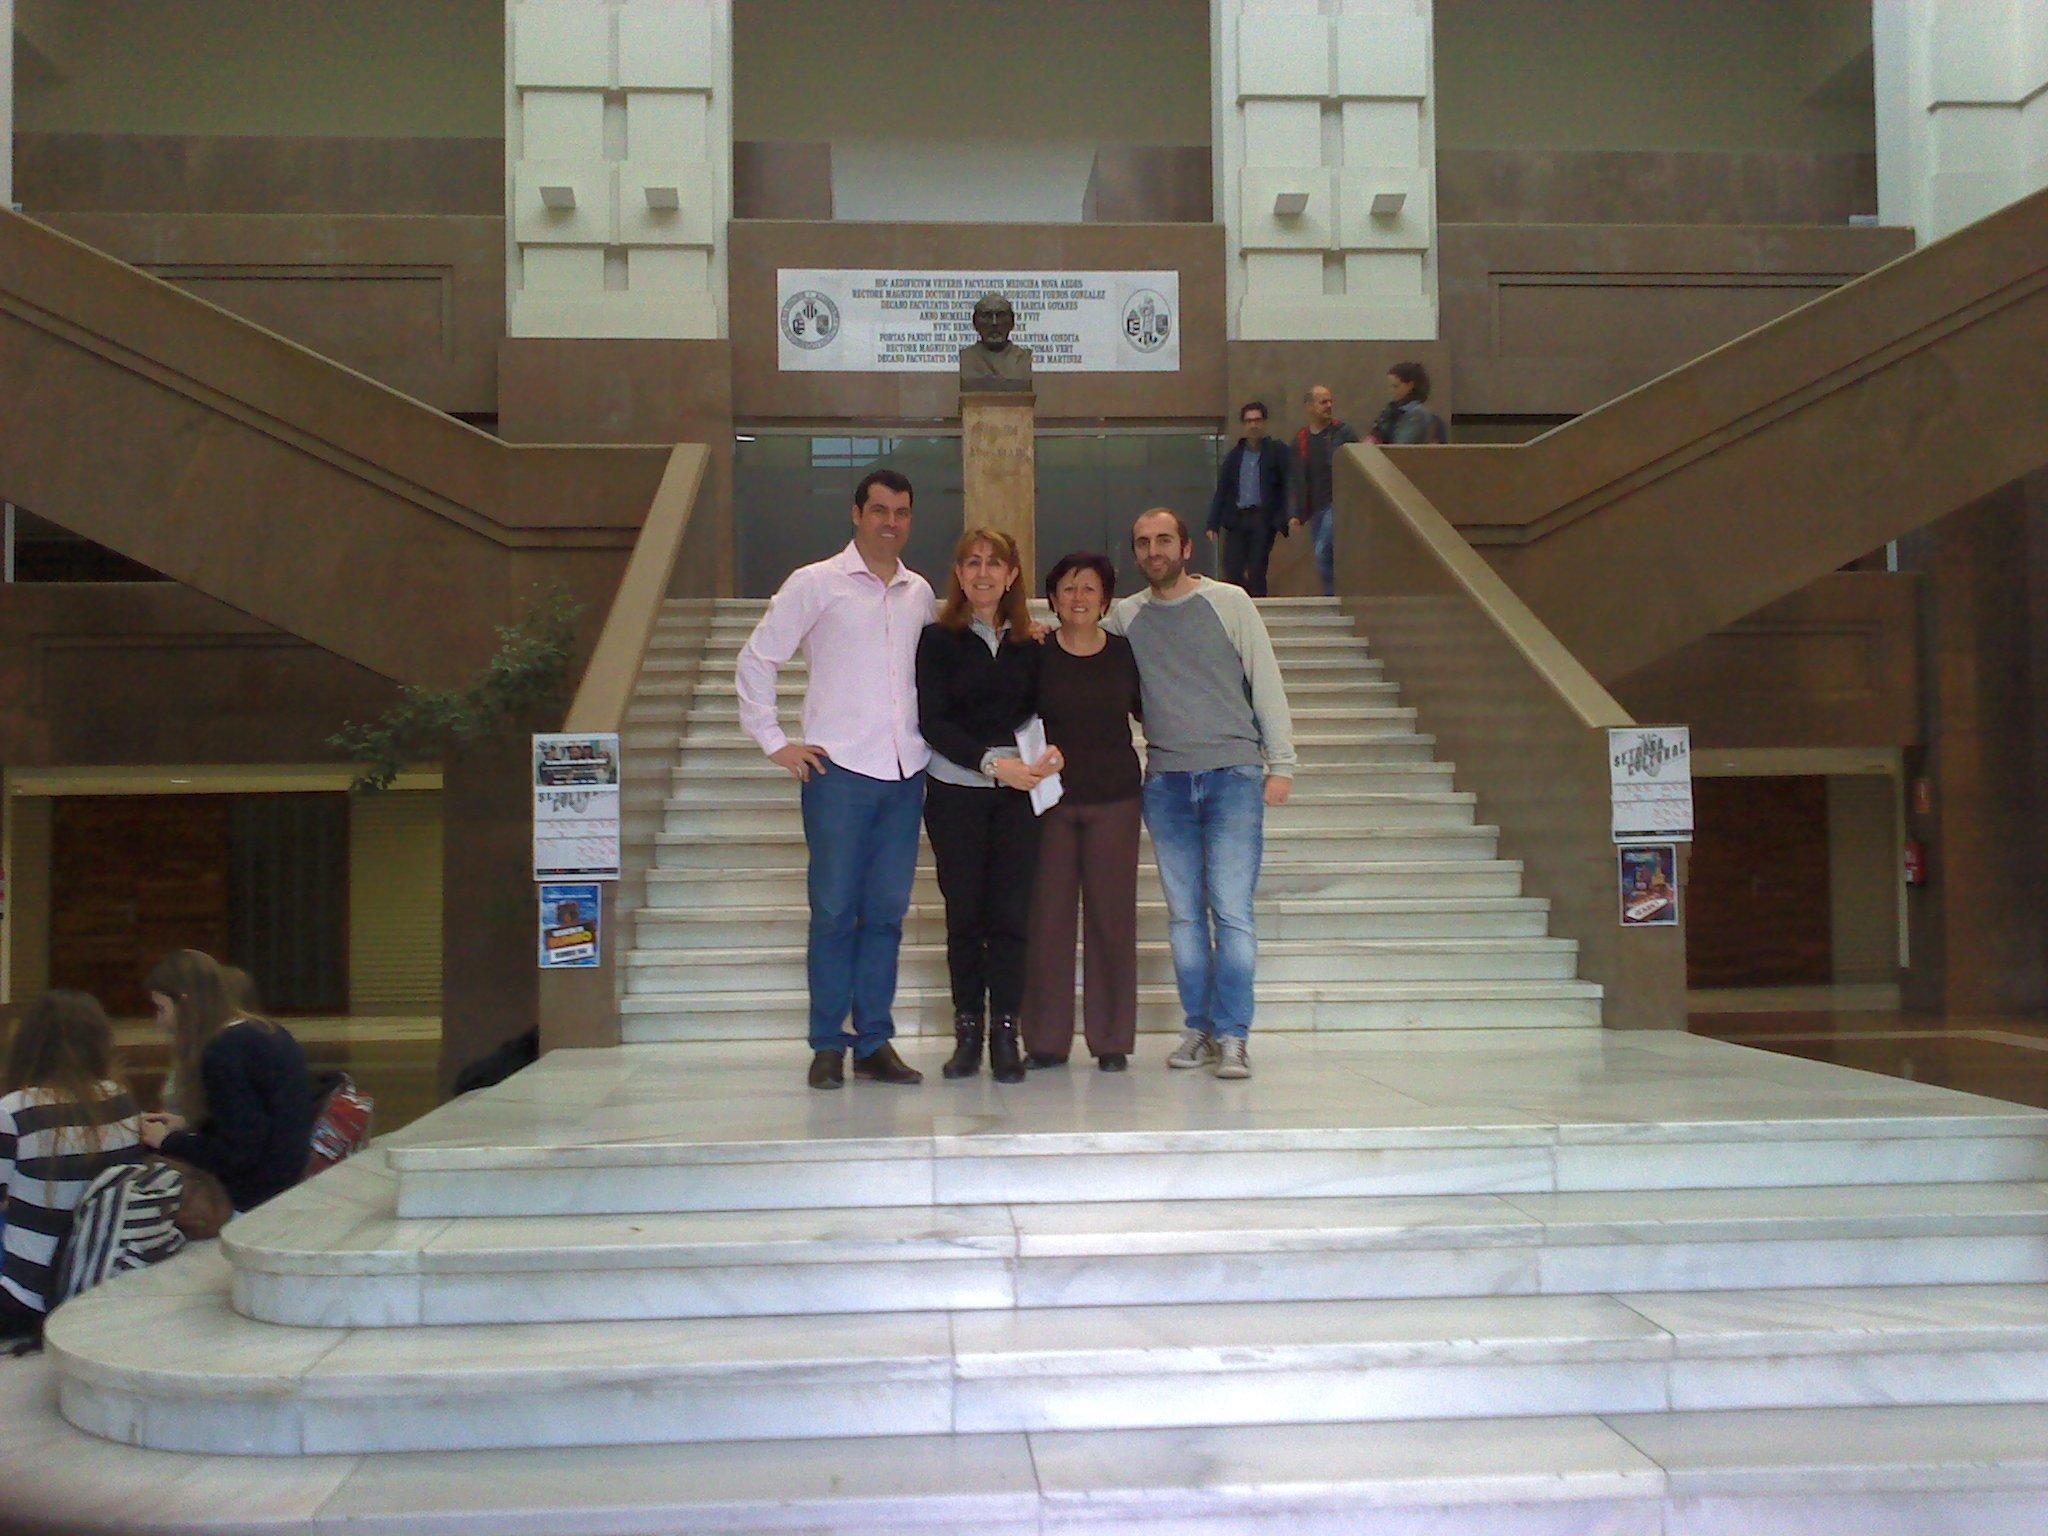 quatro pessoas posam para foto em frente a escadaria.